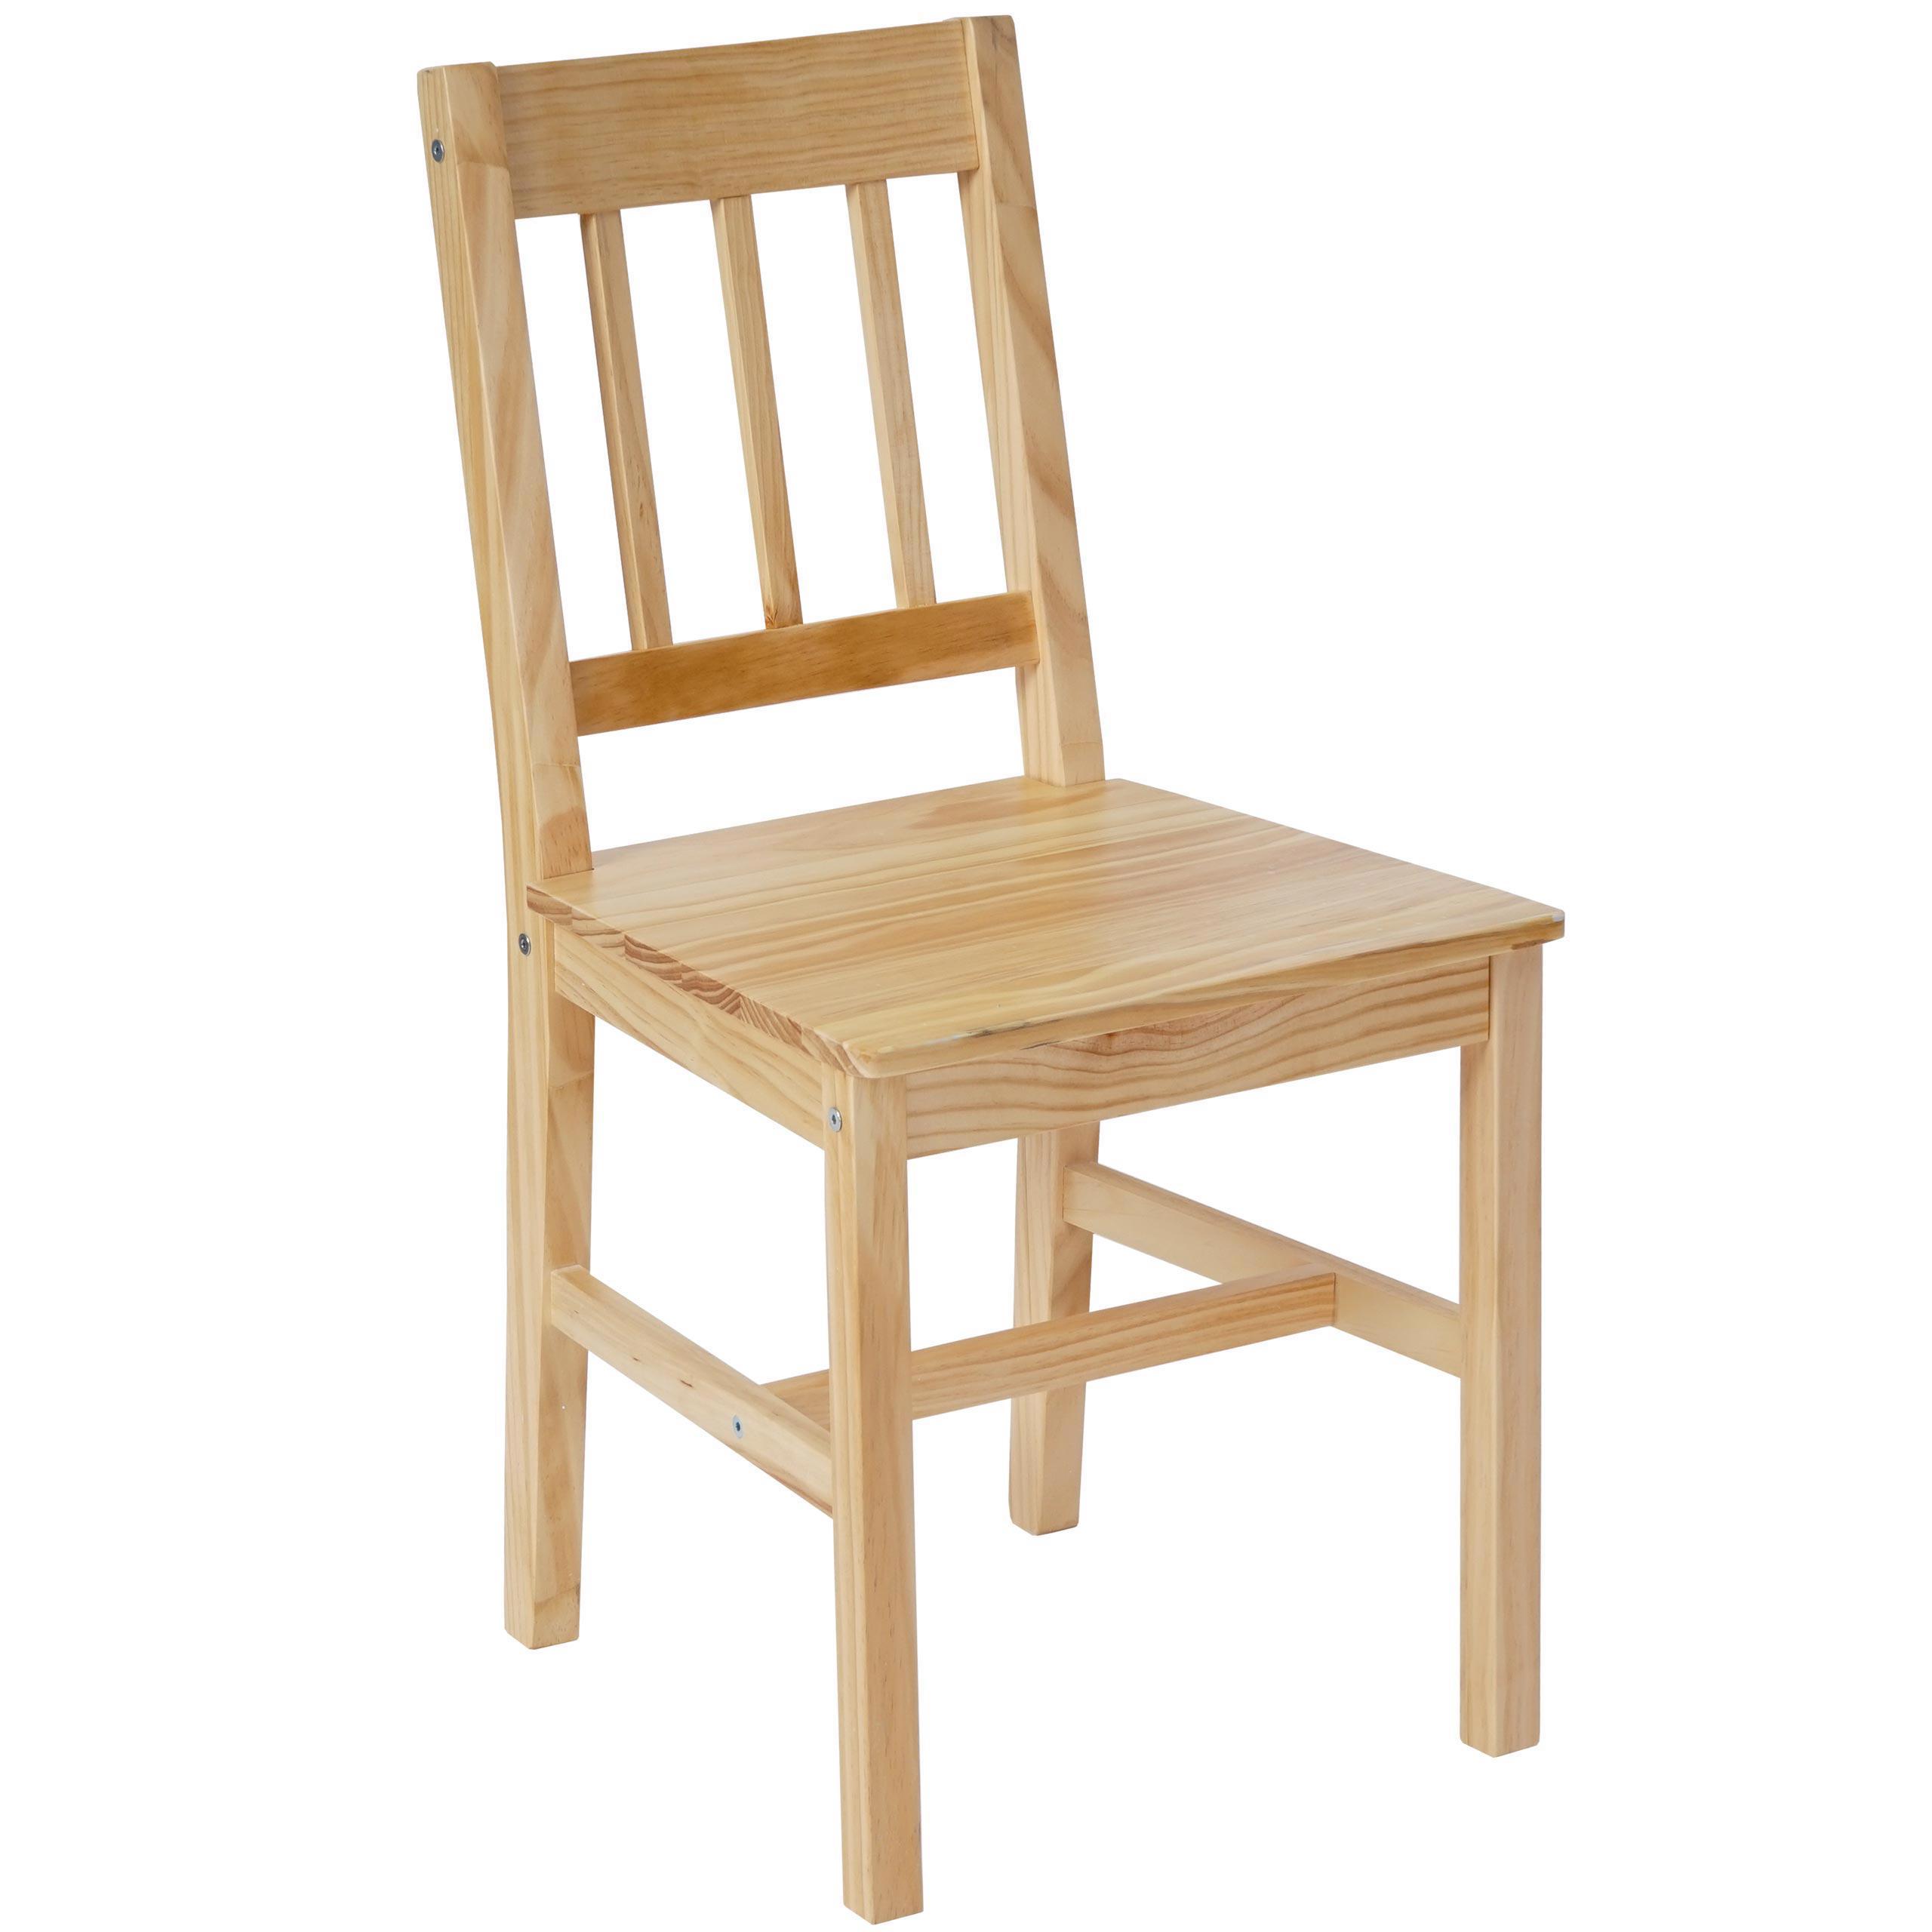 Lote 6 sillas de cocina o comedor nerja en marr n haya for Sillas de cocina precios